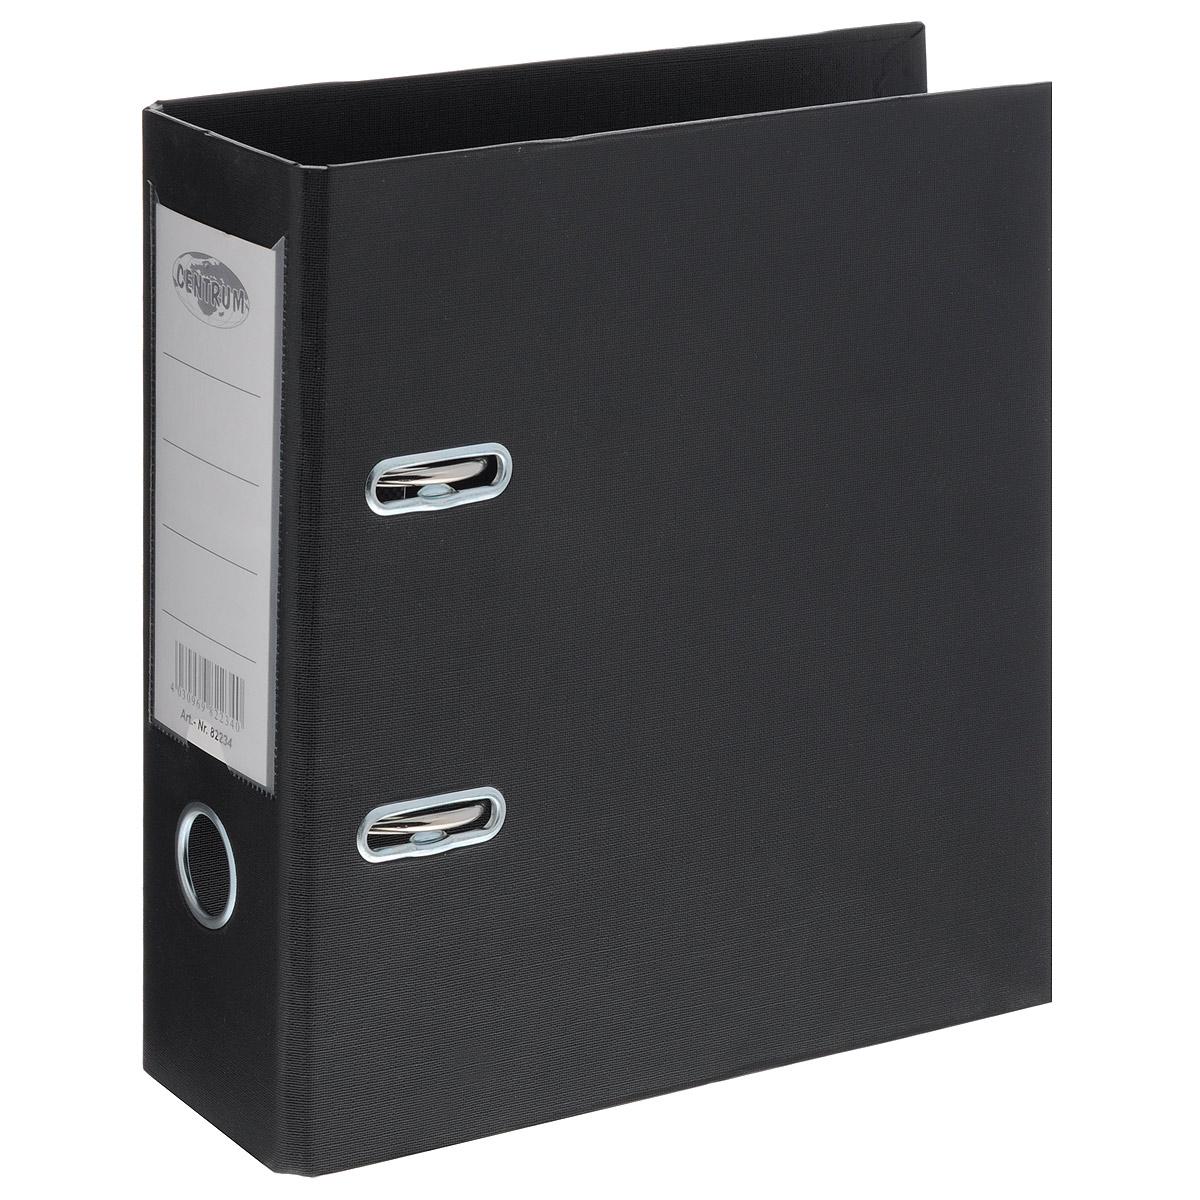 Папка-регистратор Centrum, ширина корешка 80 мм, цвет: черный82234Папка-регистратор Centrum пригодится в каждом офисе и доме для хранения больших объемов документов. Внешняя сторона папки выполнена из плотного картона с двусторонним ПВХ-покрытием, что обеспечивает устойчивость к влаге и износу. Папка-регистратор оснащена надежным арочным механизмом крепления бумаги. Круглое отверстие в корешке папки облегчит ее извлечение с полки, а прозрачный карман со съемной этикеткой позволяет маркировать содержимое. Ширина корешка 8 см.